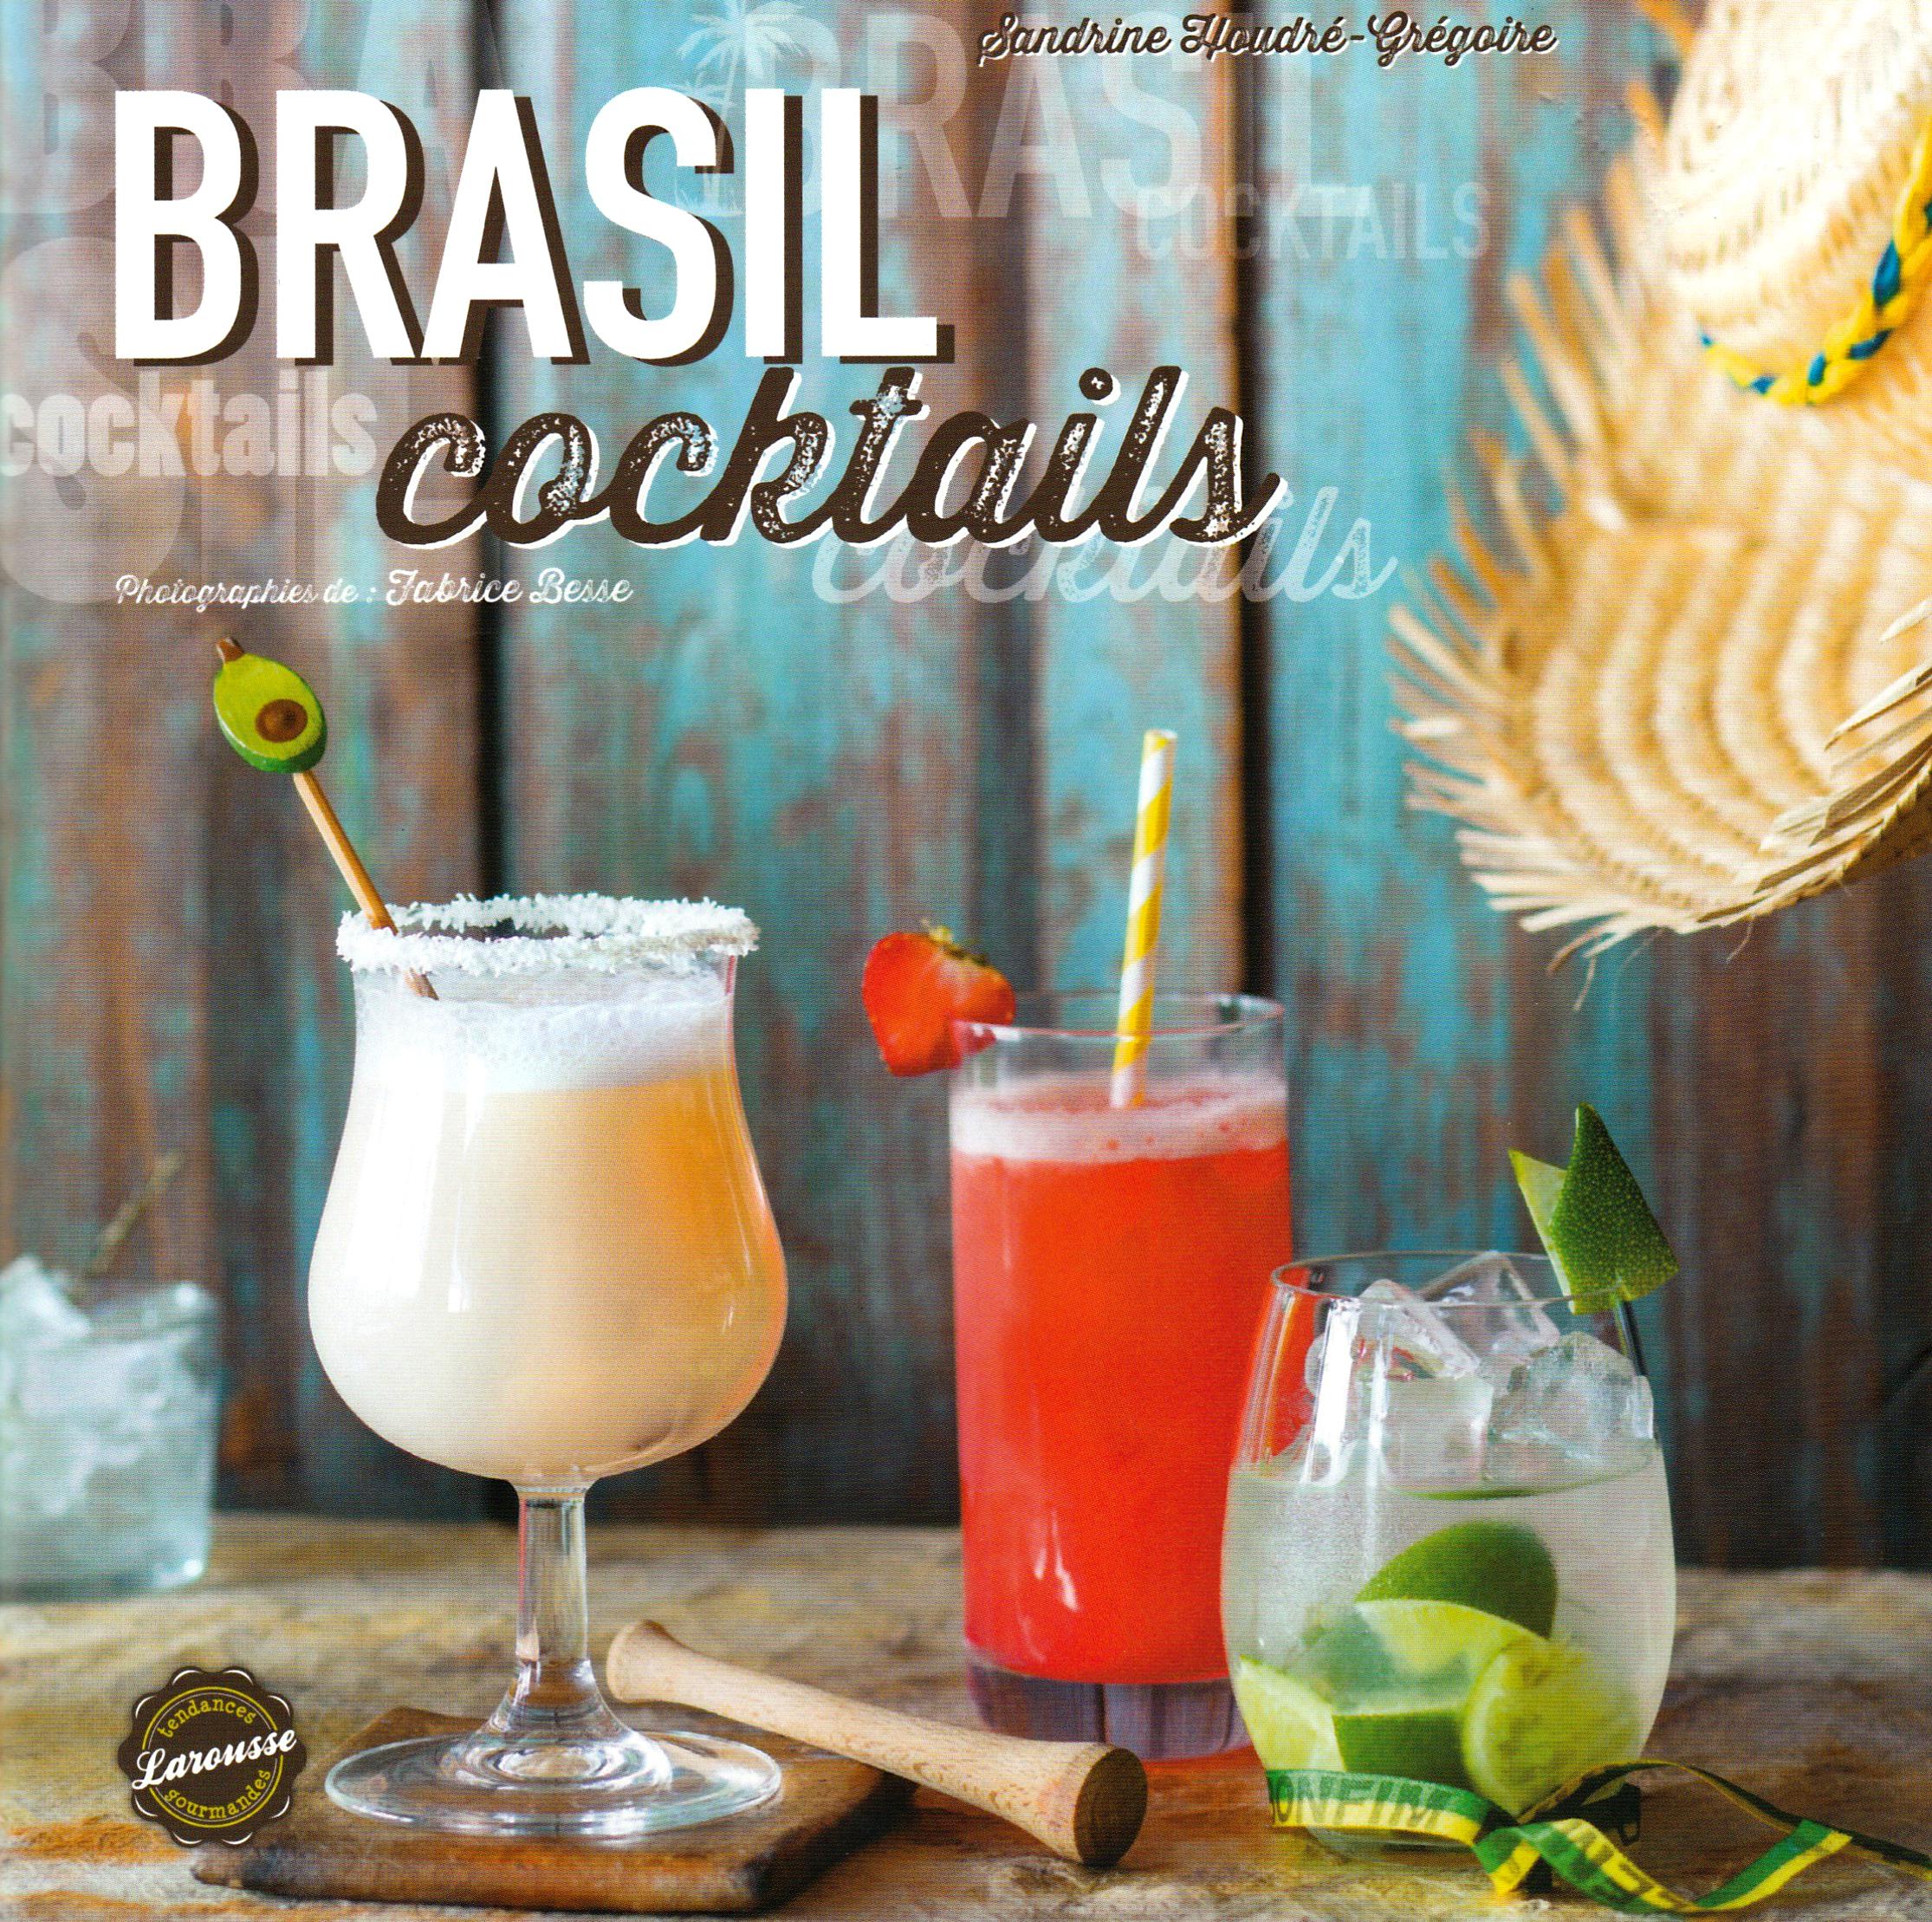 Brasil Cocktails by Sandrine Houdré-Grégoire